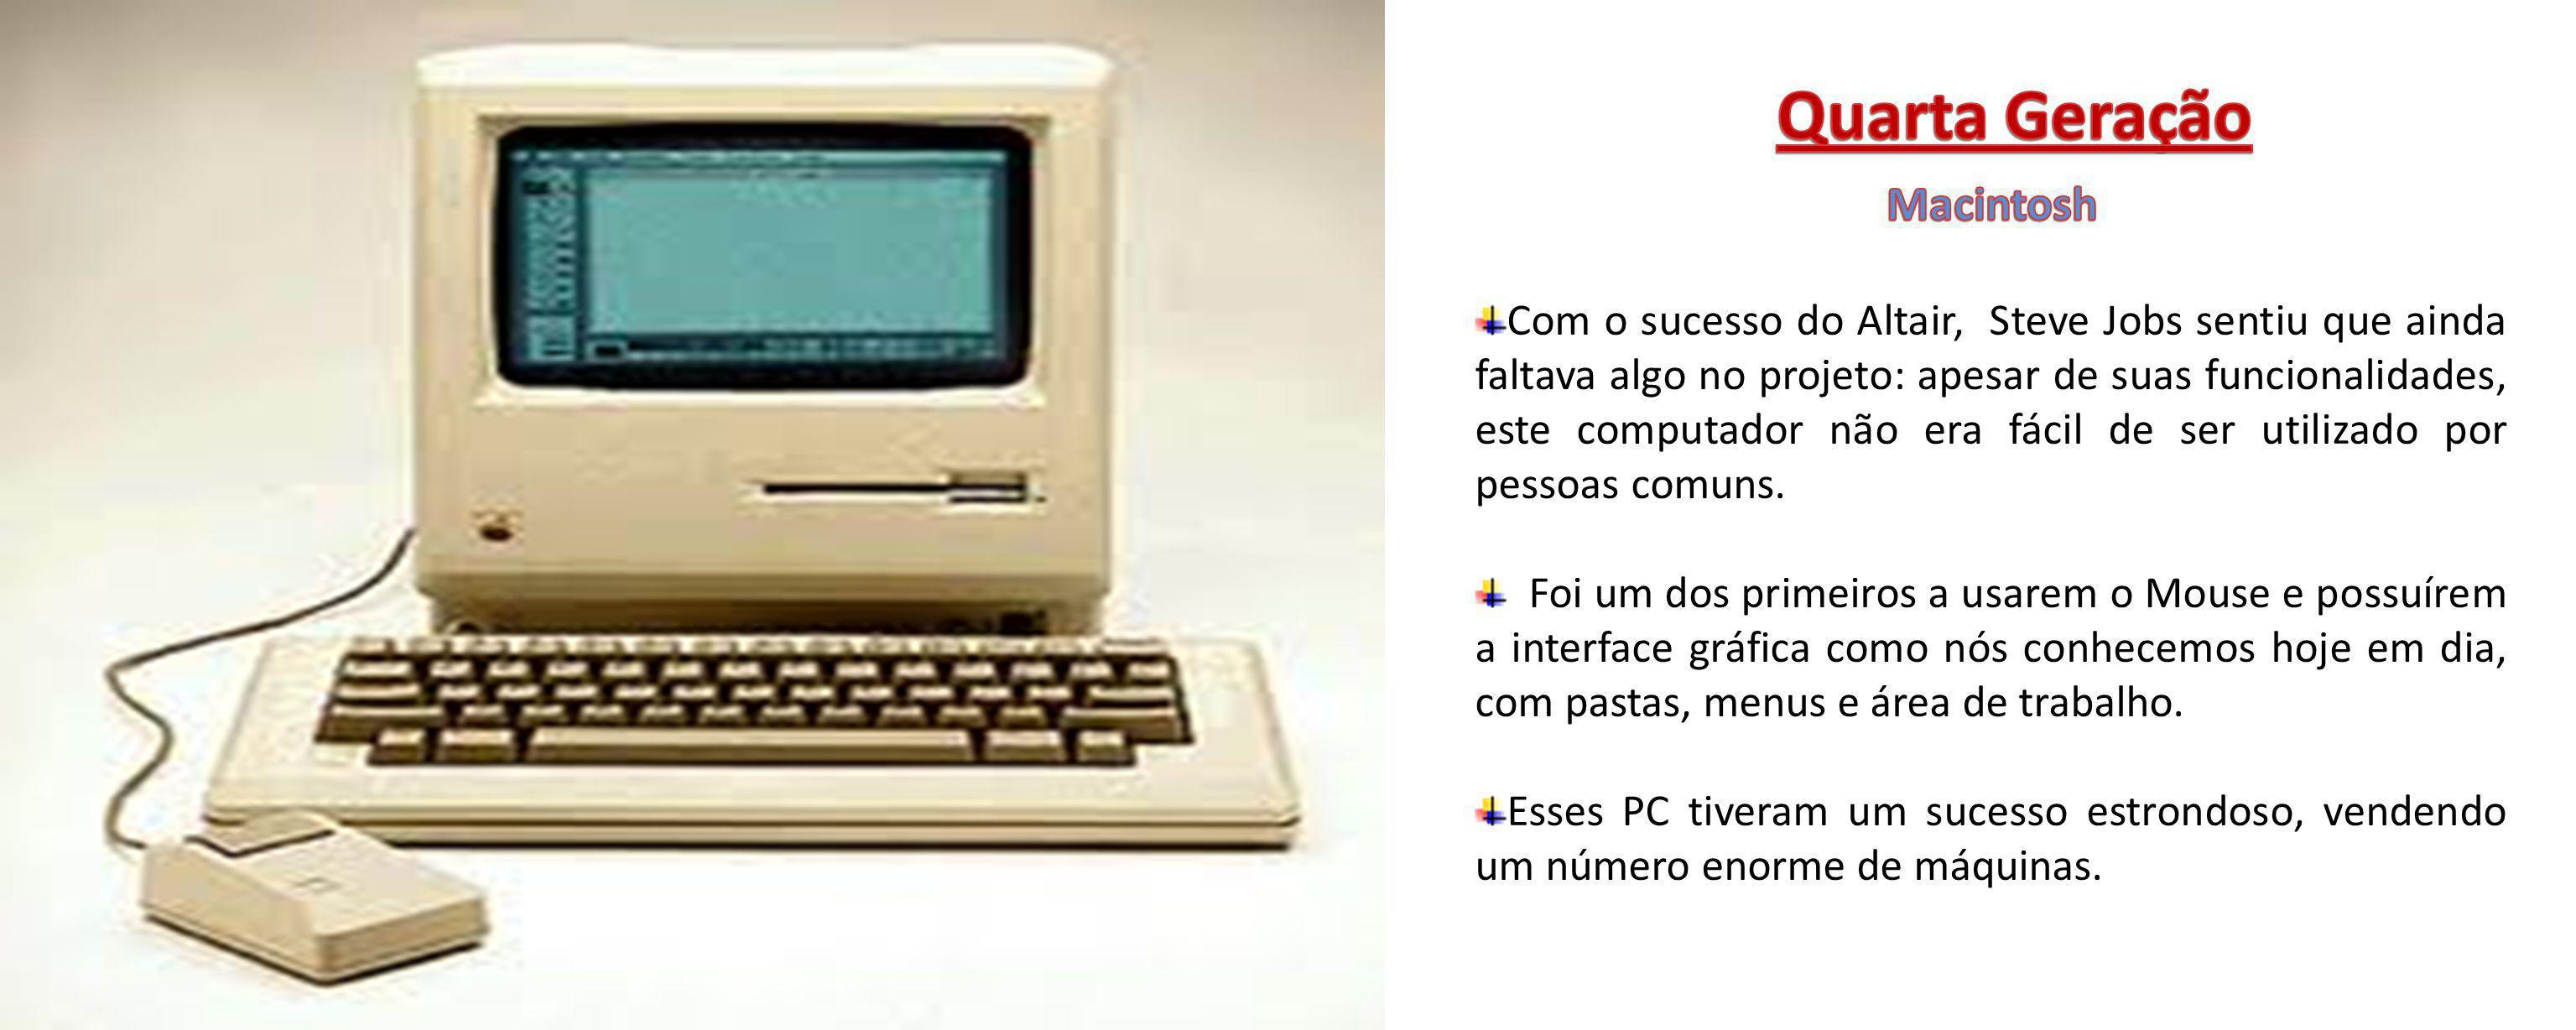 Com o sucesso do Altair, Steve Jobs sentiu que ainda faltava algo no projeto: apesar de suas funcionalidades, este computador não era fácil de ser uti